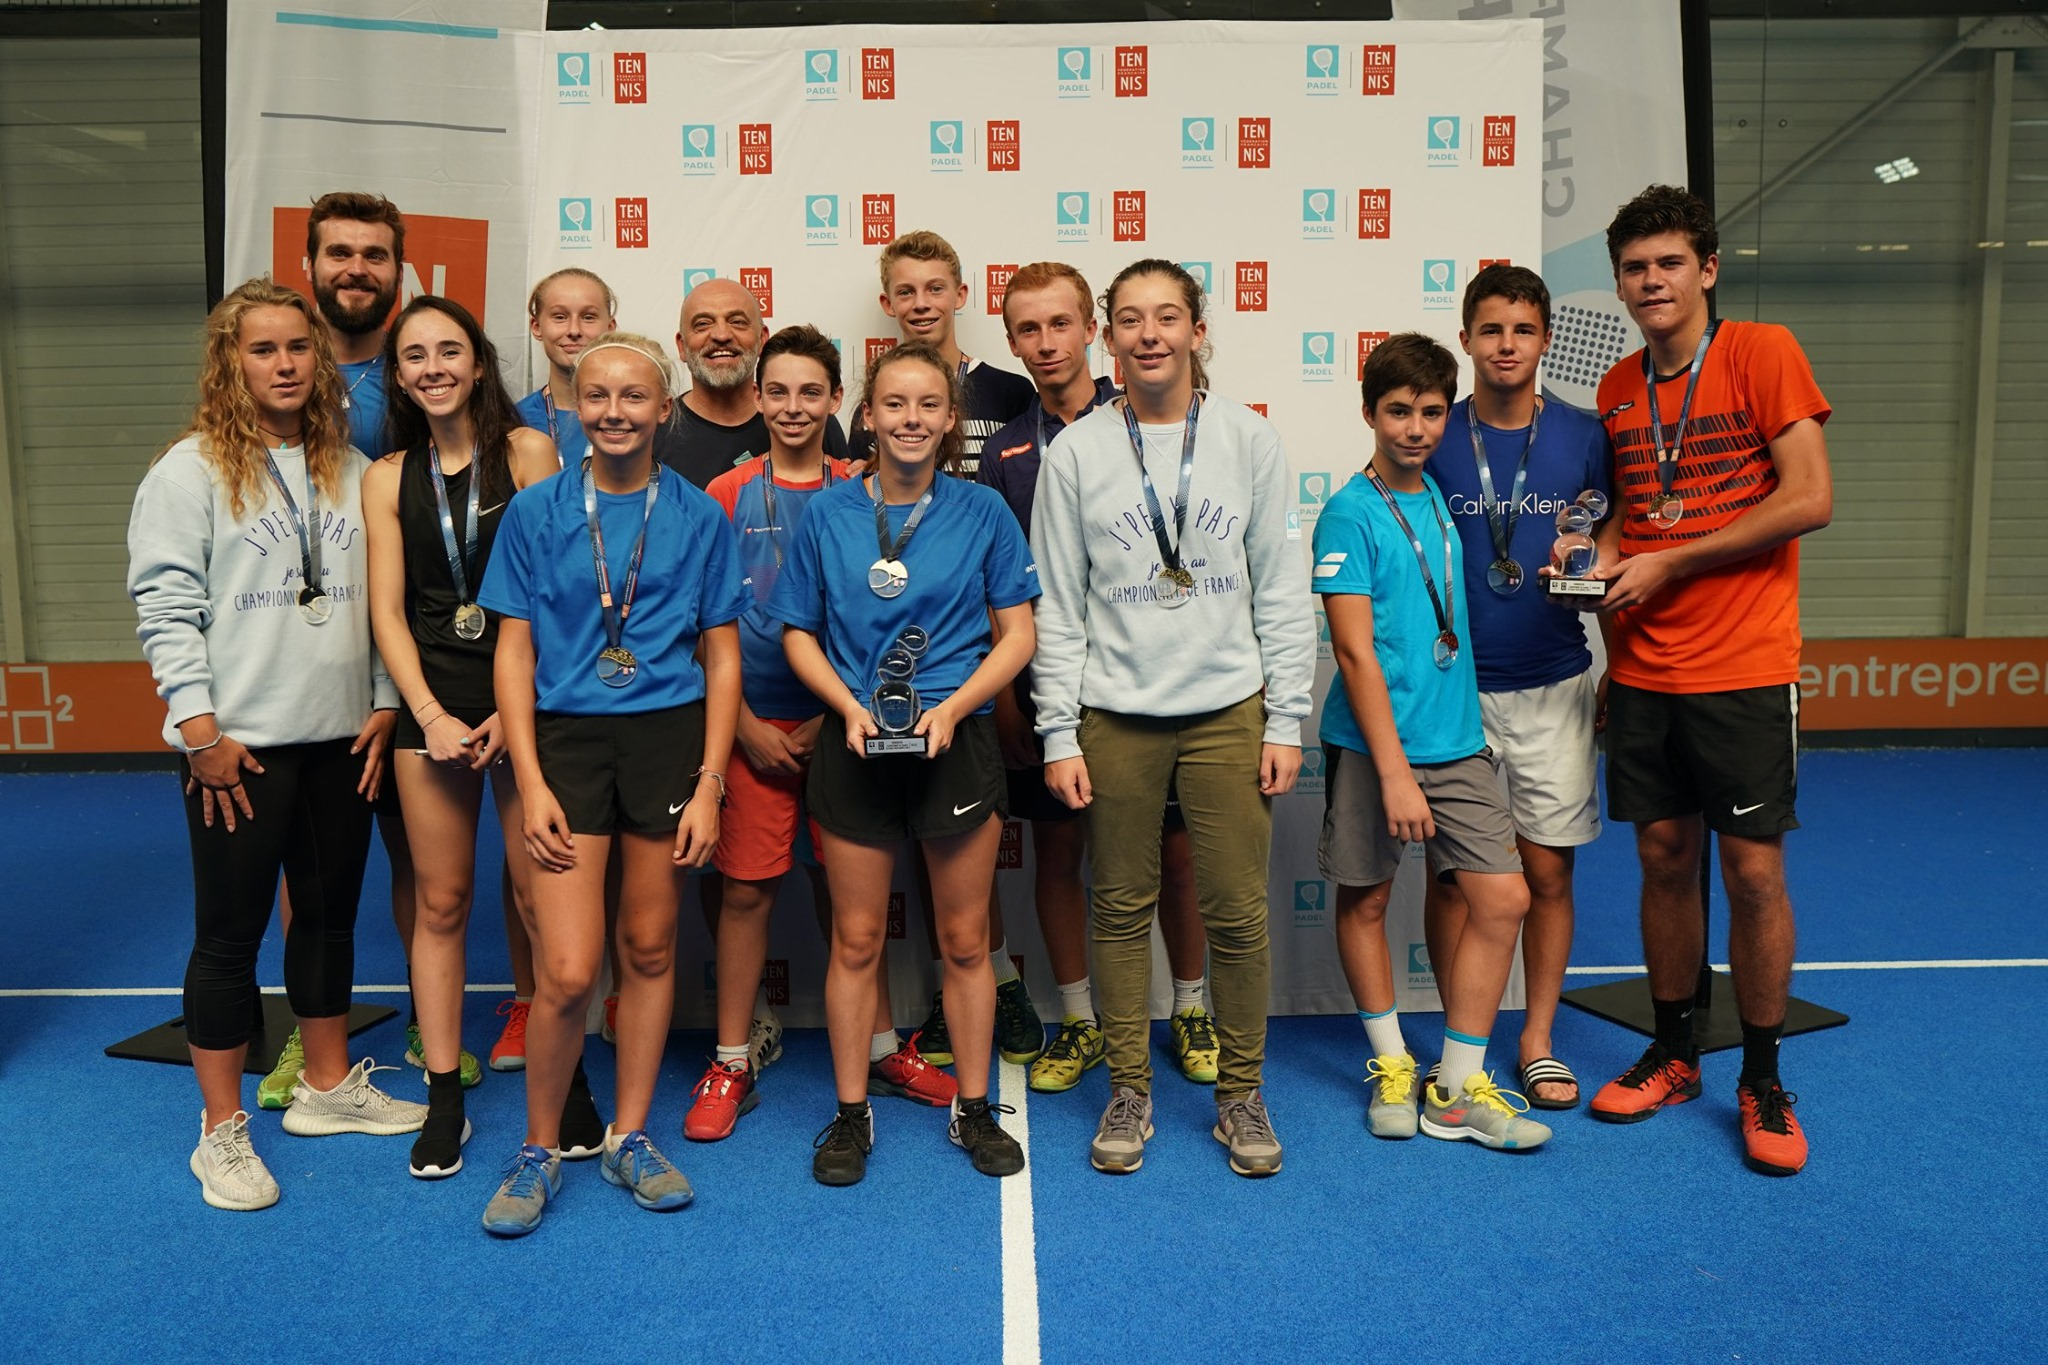 Campeones de Francia de Haut-de-France y Occitanie Padel Juventud 2019